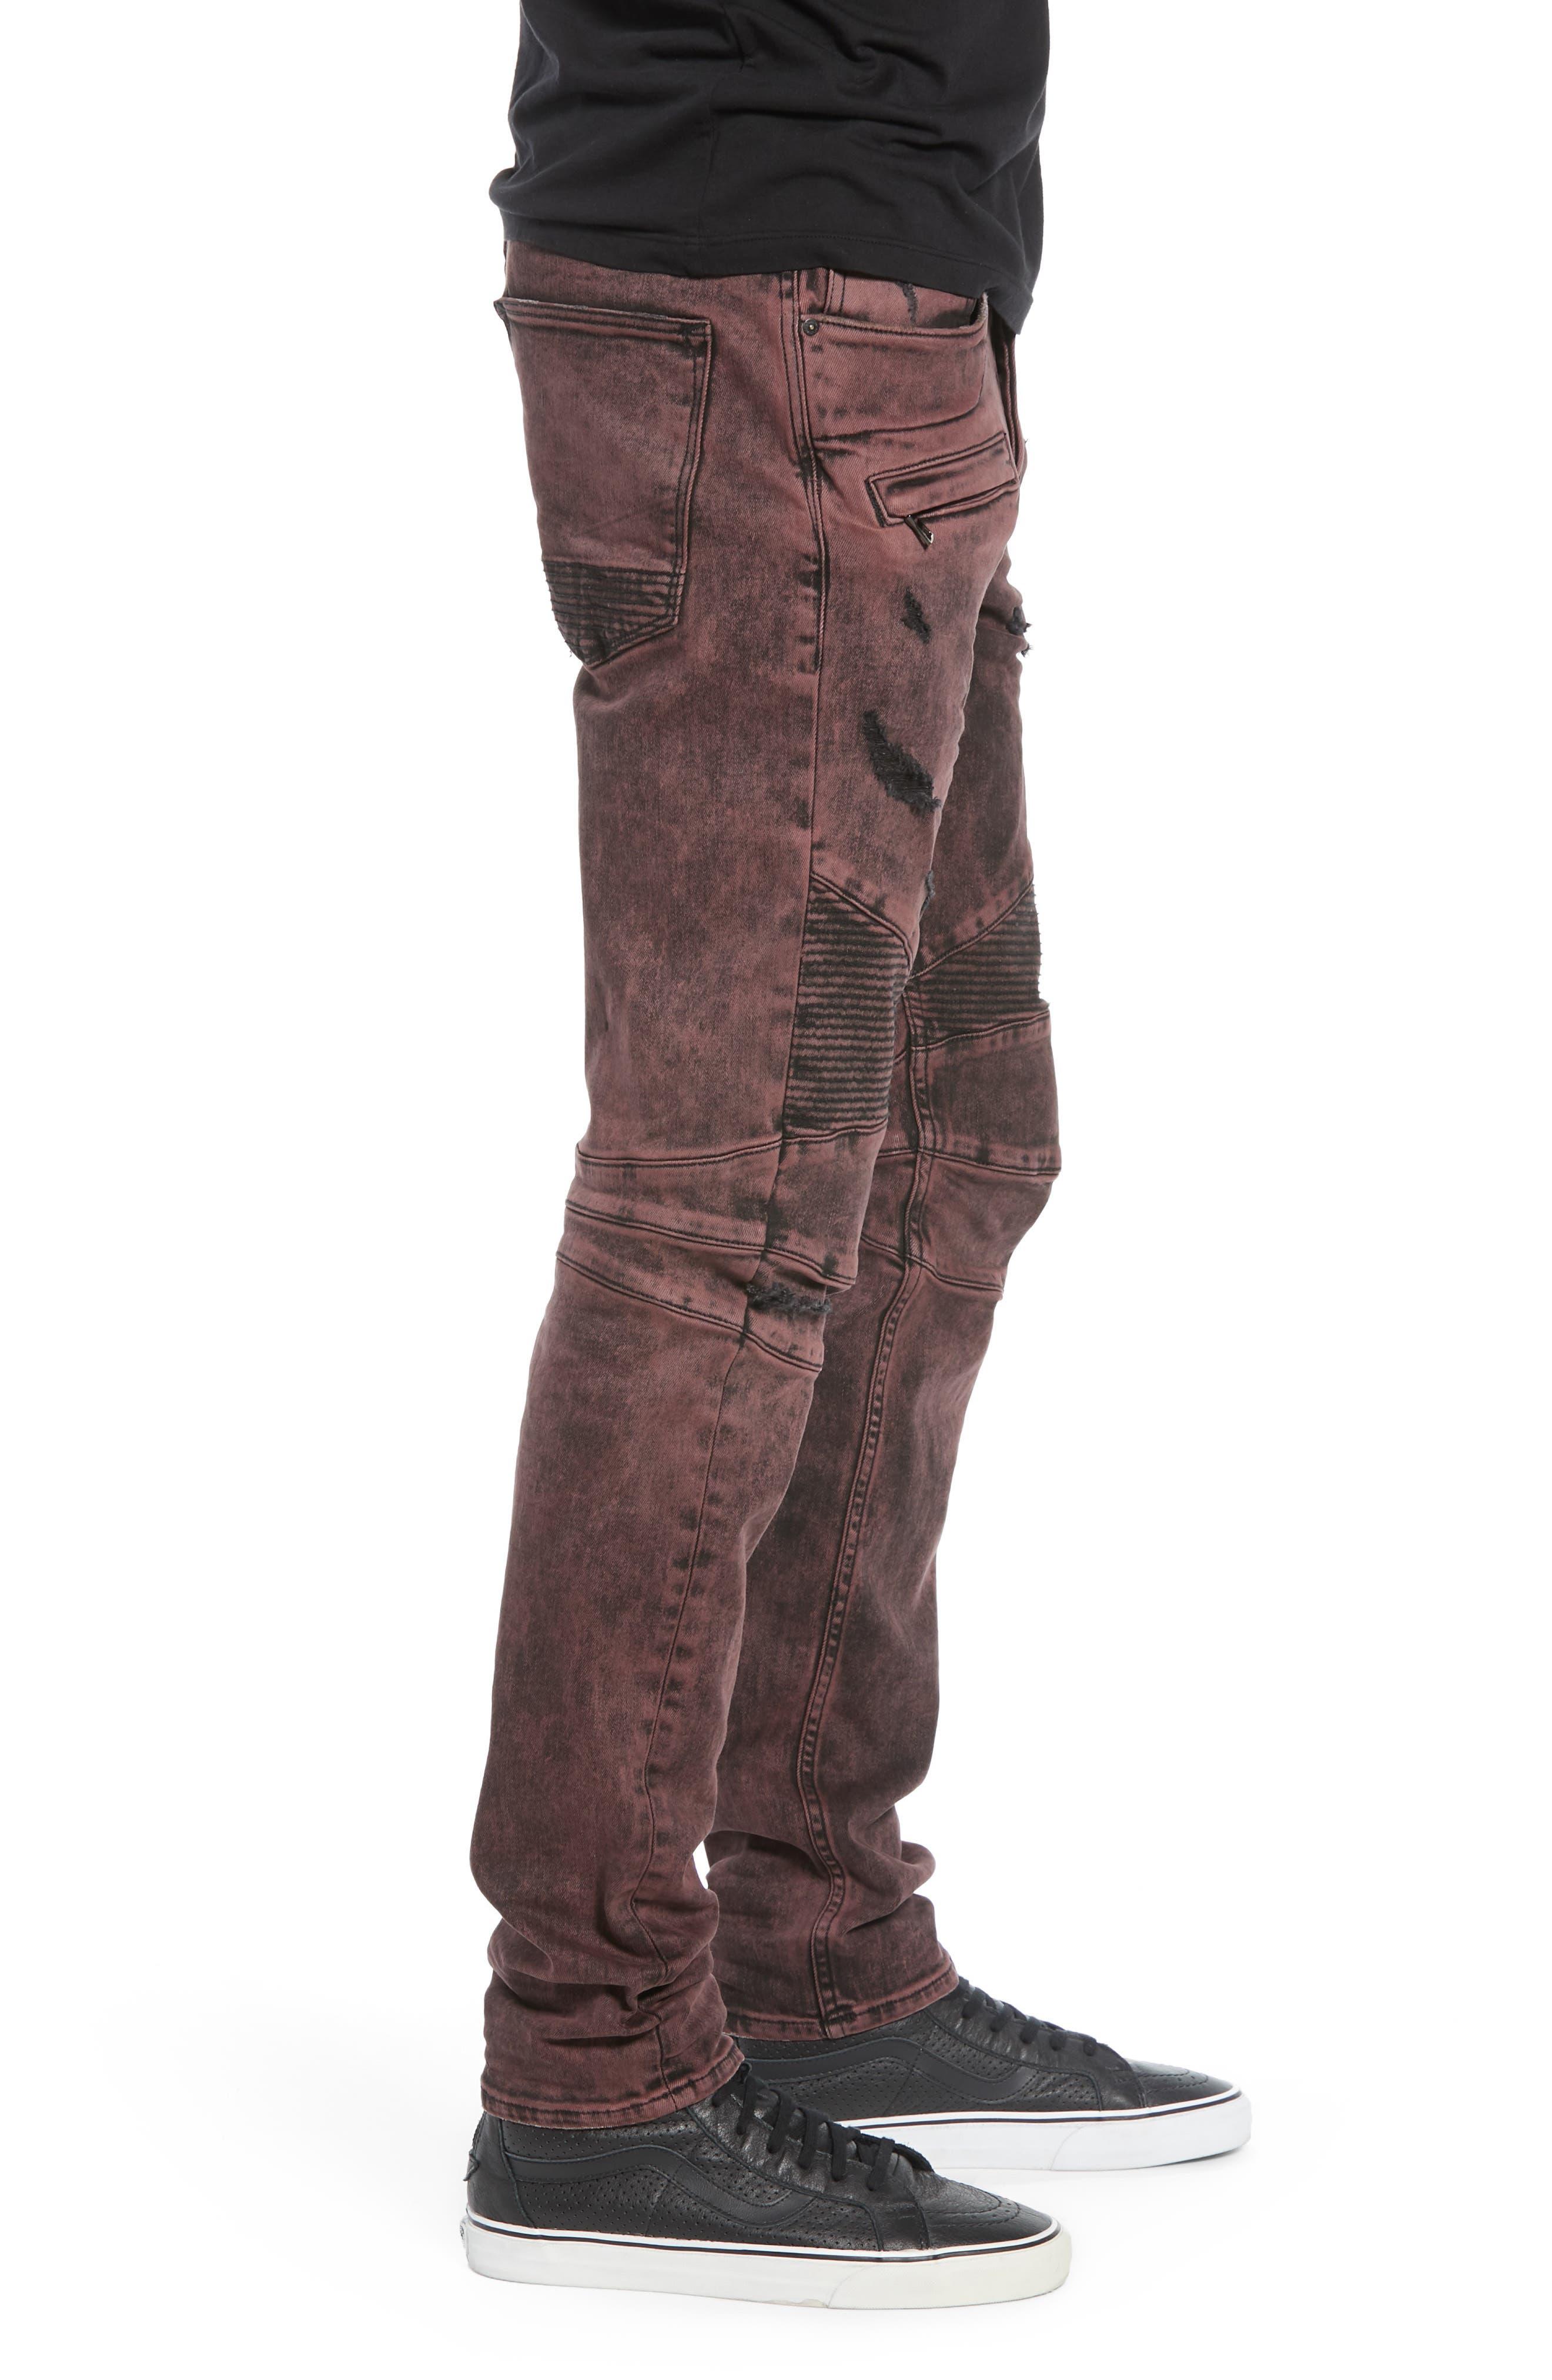 HUDSON JEANS, Blinder Biker Skinny Fit Jeans, Alternate thumbnail 3, color, FADED OX BLOOD